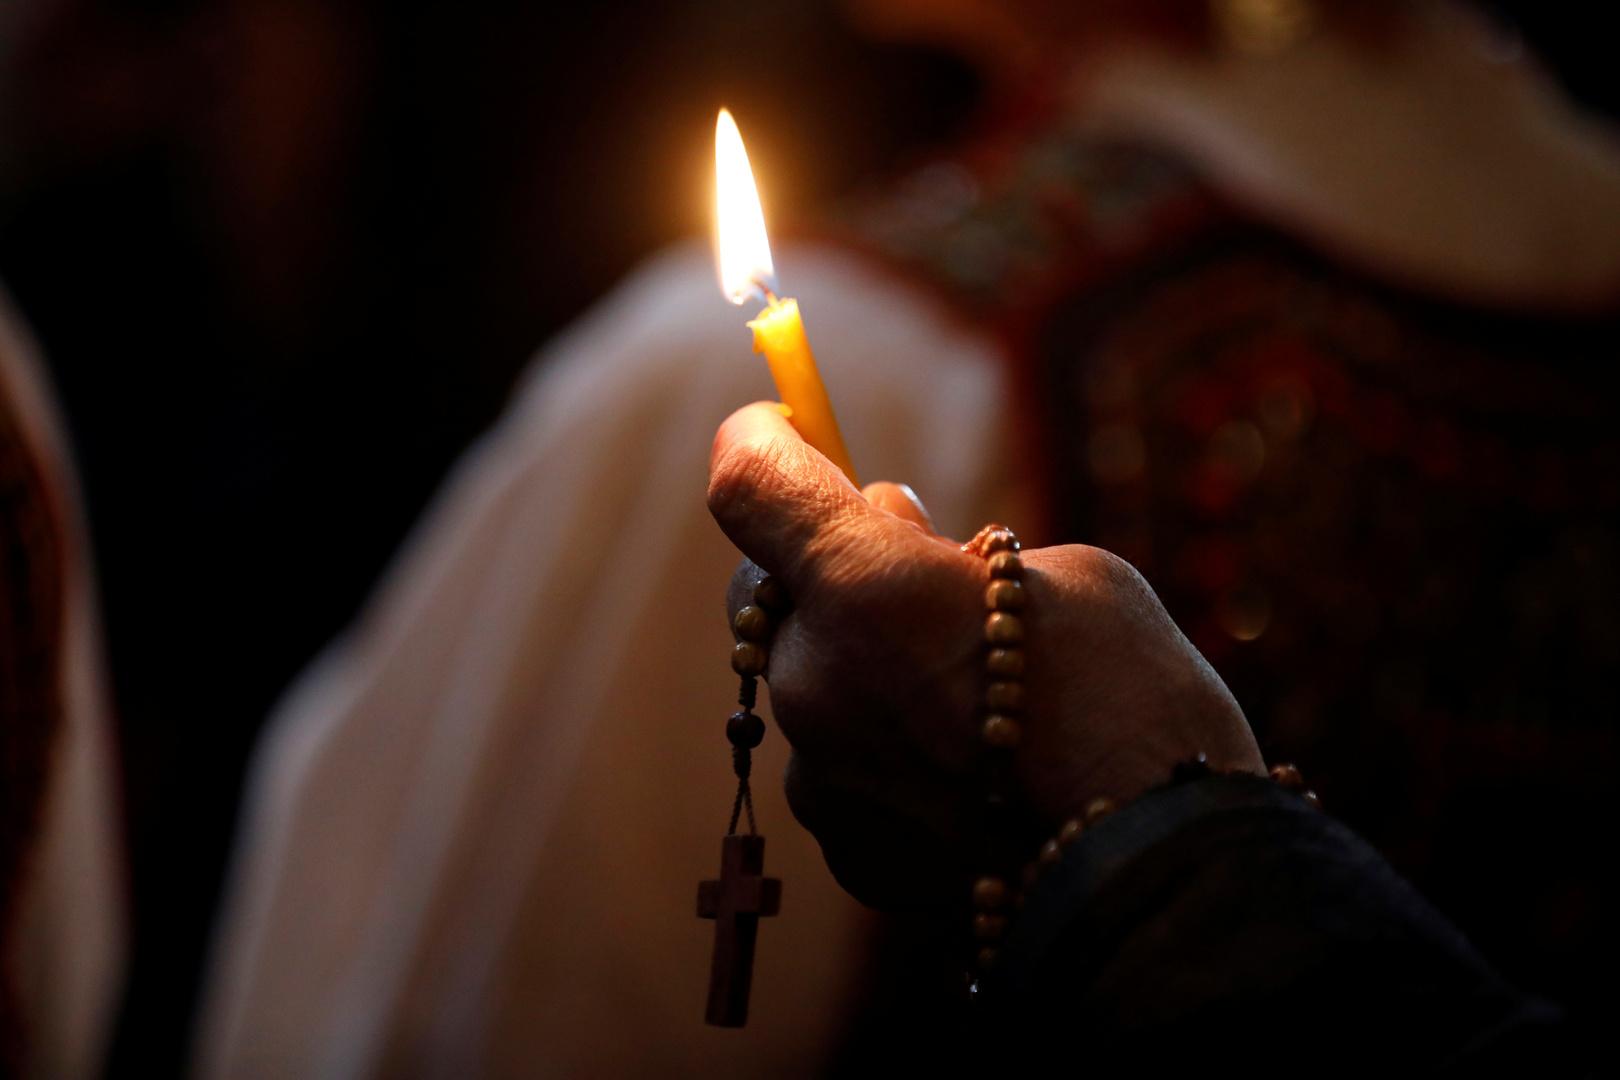 بطريركية الأقباط الأرثوذكس بالقدس تنشر صورة محتال جمع تبرعات ضخمة بدعوى ترميم كنيسة القيامة